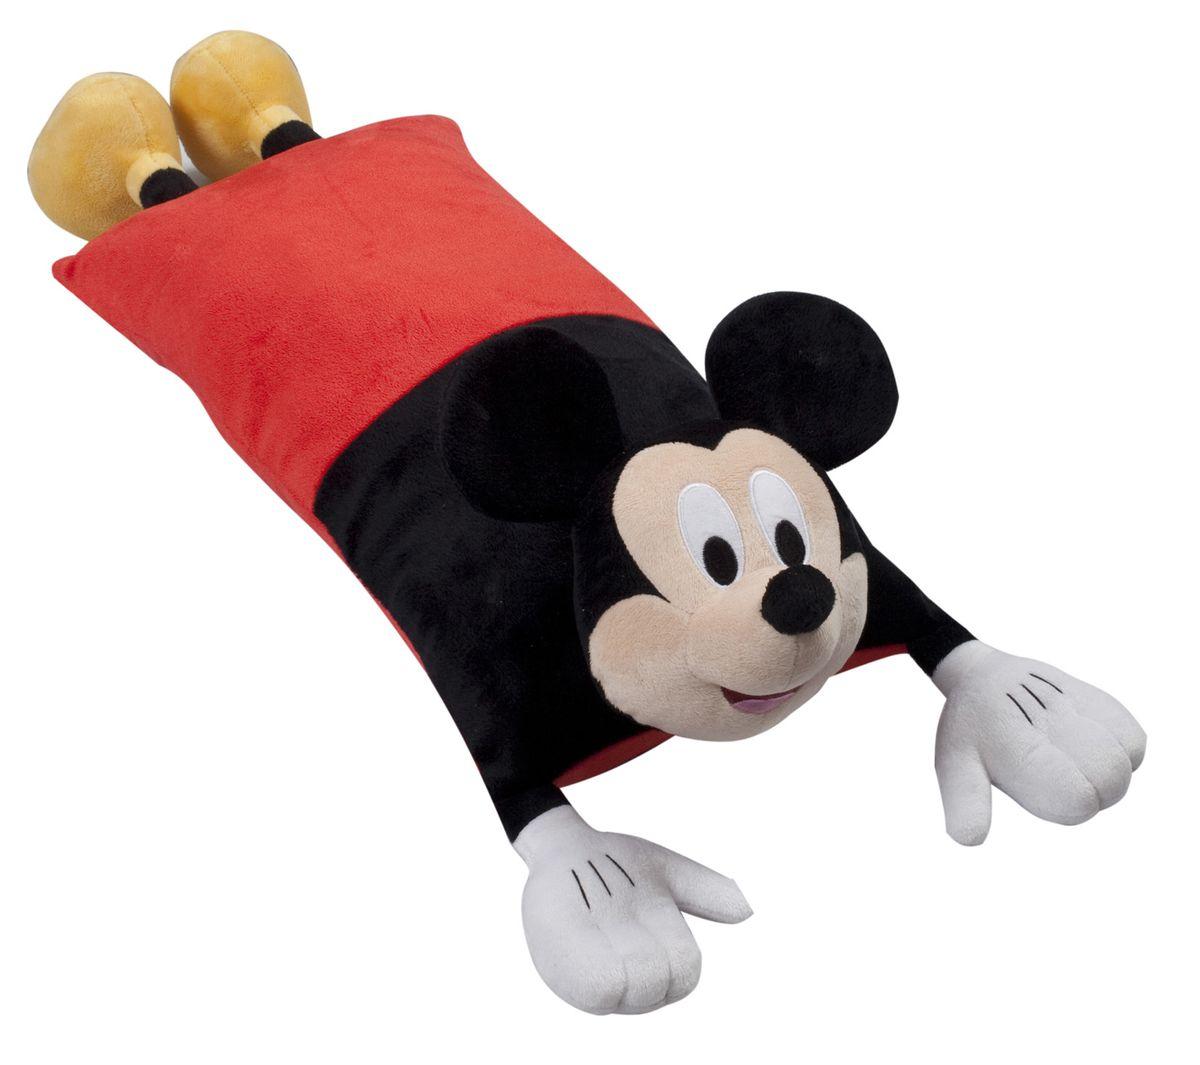 15545 Подушка Mickey Mouse (Микки Маус), размер 50х25 см531-105Детская декоративная подушка может использоваться в качестве элемента декора в вашем доме, ну и кроме того, быть настоящей игрушкой для вашего малыша. Данная текстильная продукция занимает высокие позиции на потребительском рынке благодаря своим оригинальным дизайнам и безопасным материалам.